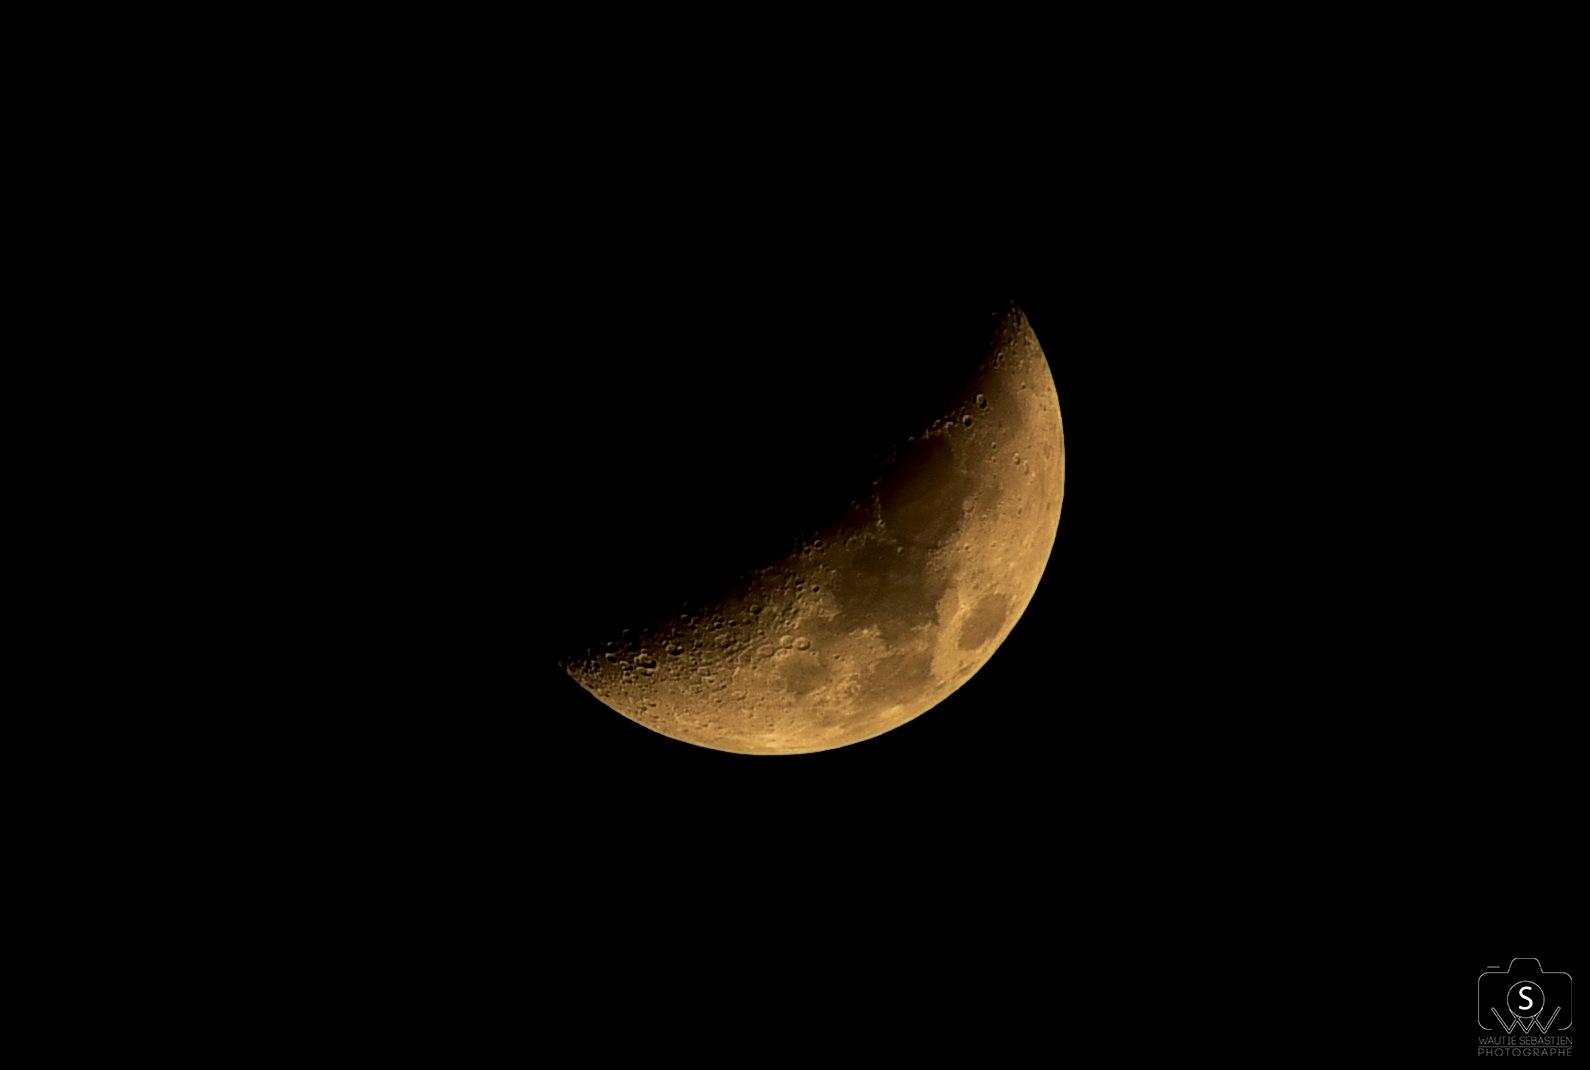 moon by Sébastien Wautié